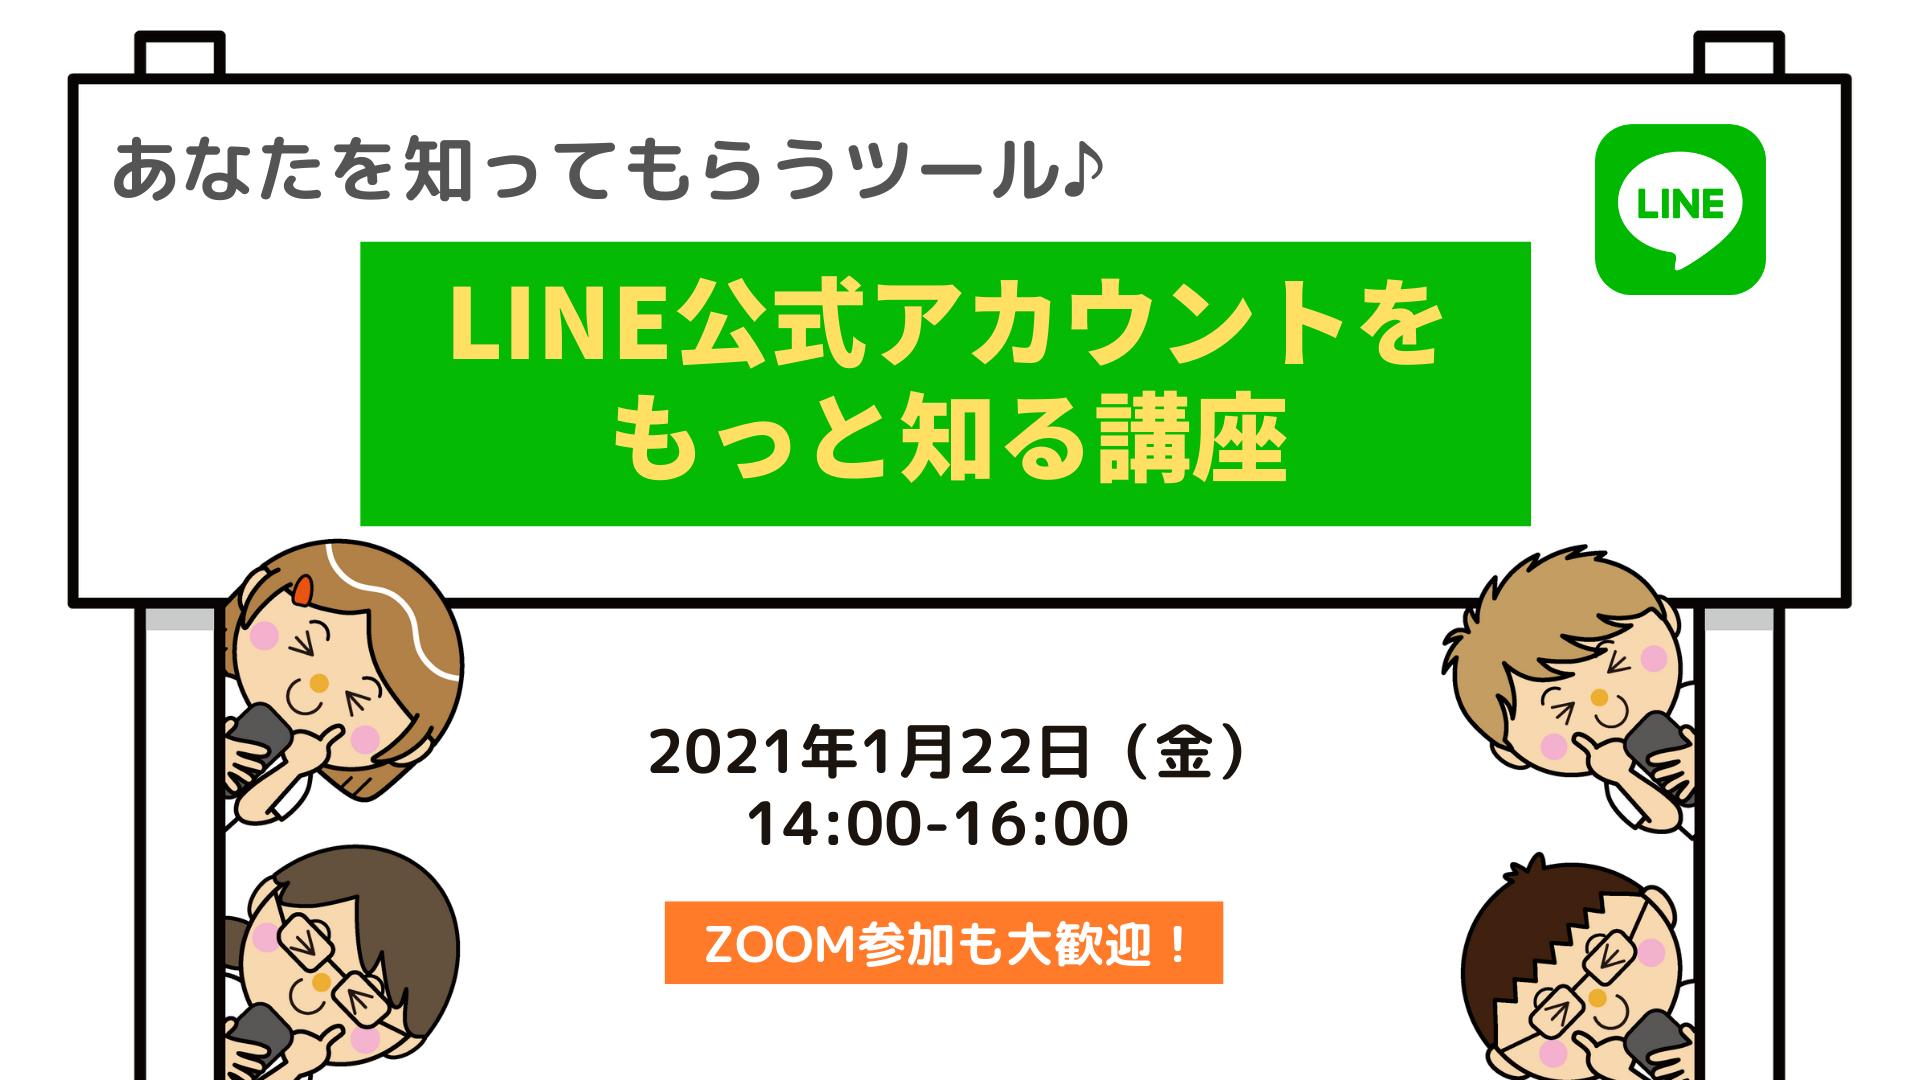 1/22 ☆ZOOM参加OK☆あなたを知ってもらうツール LINE公式アカウントをもっと知る講座